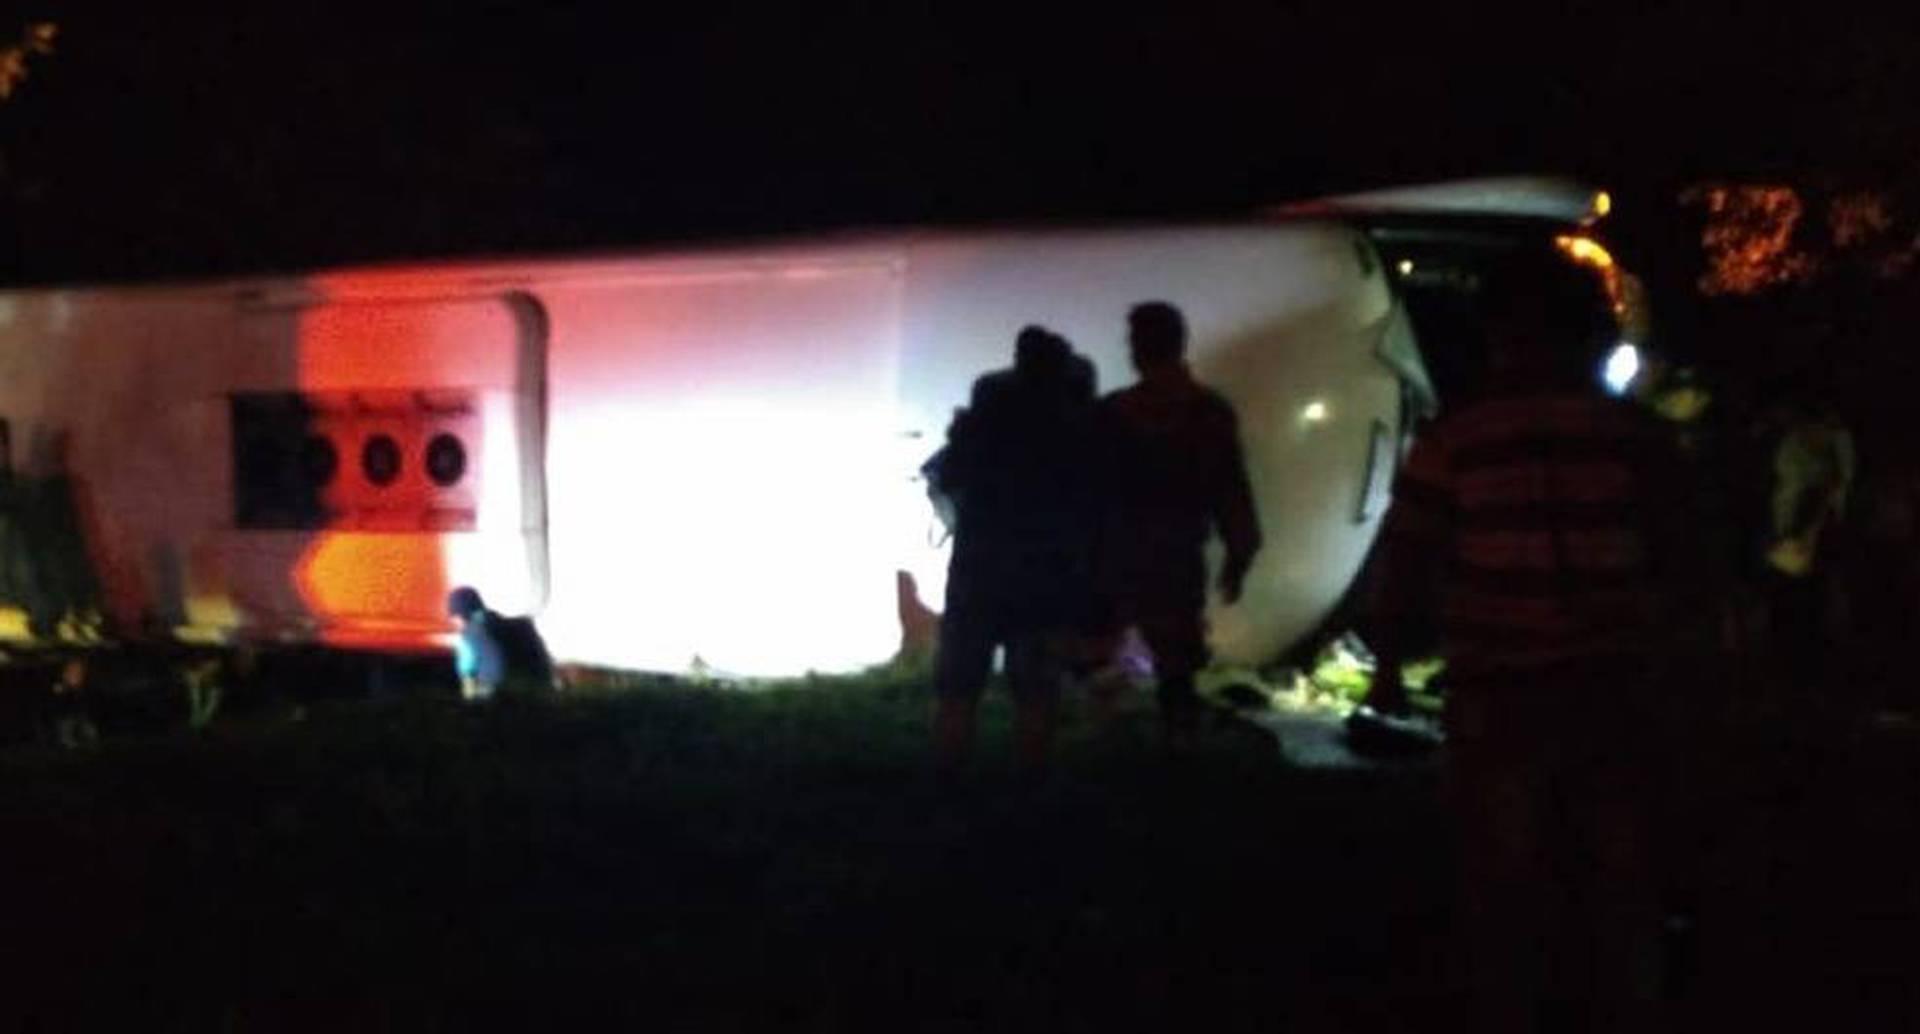 El accidente ocurrió cuando el conductor perdió el control del bus, al parecer por alta velocidad.